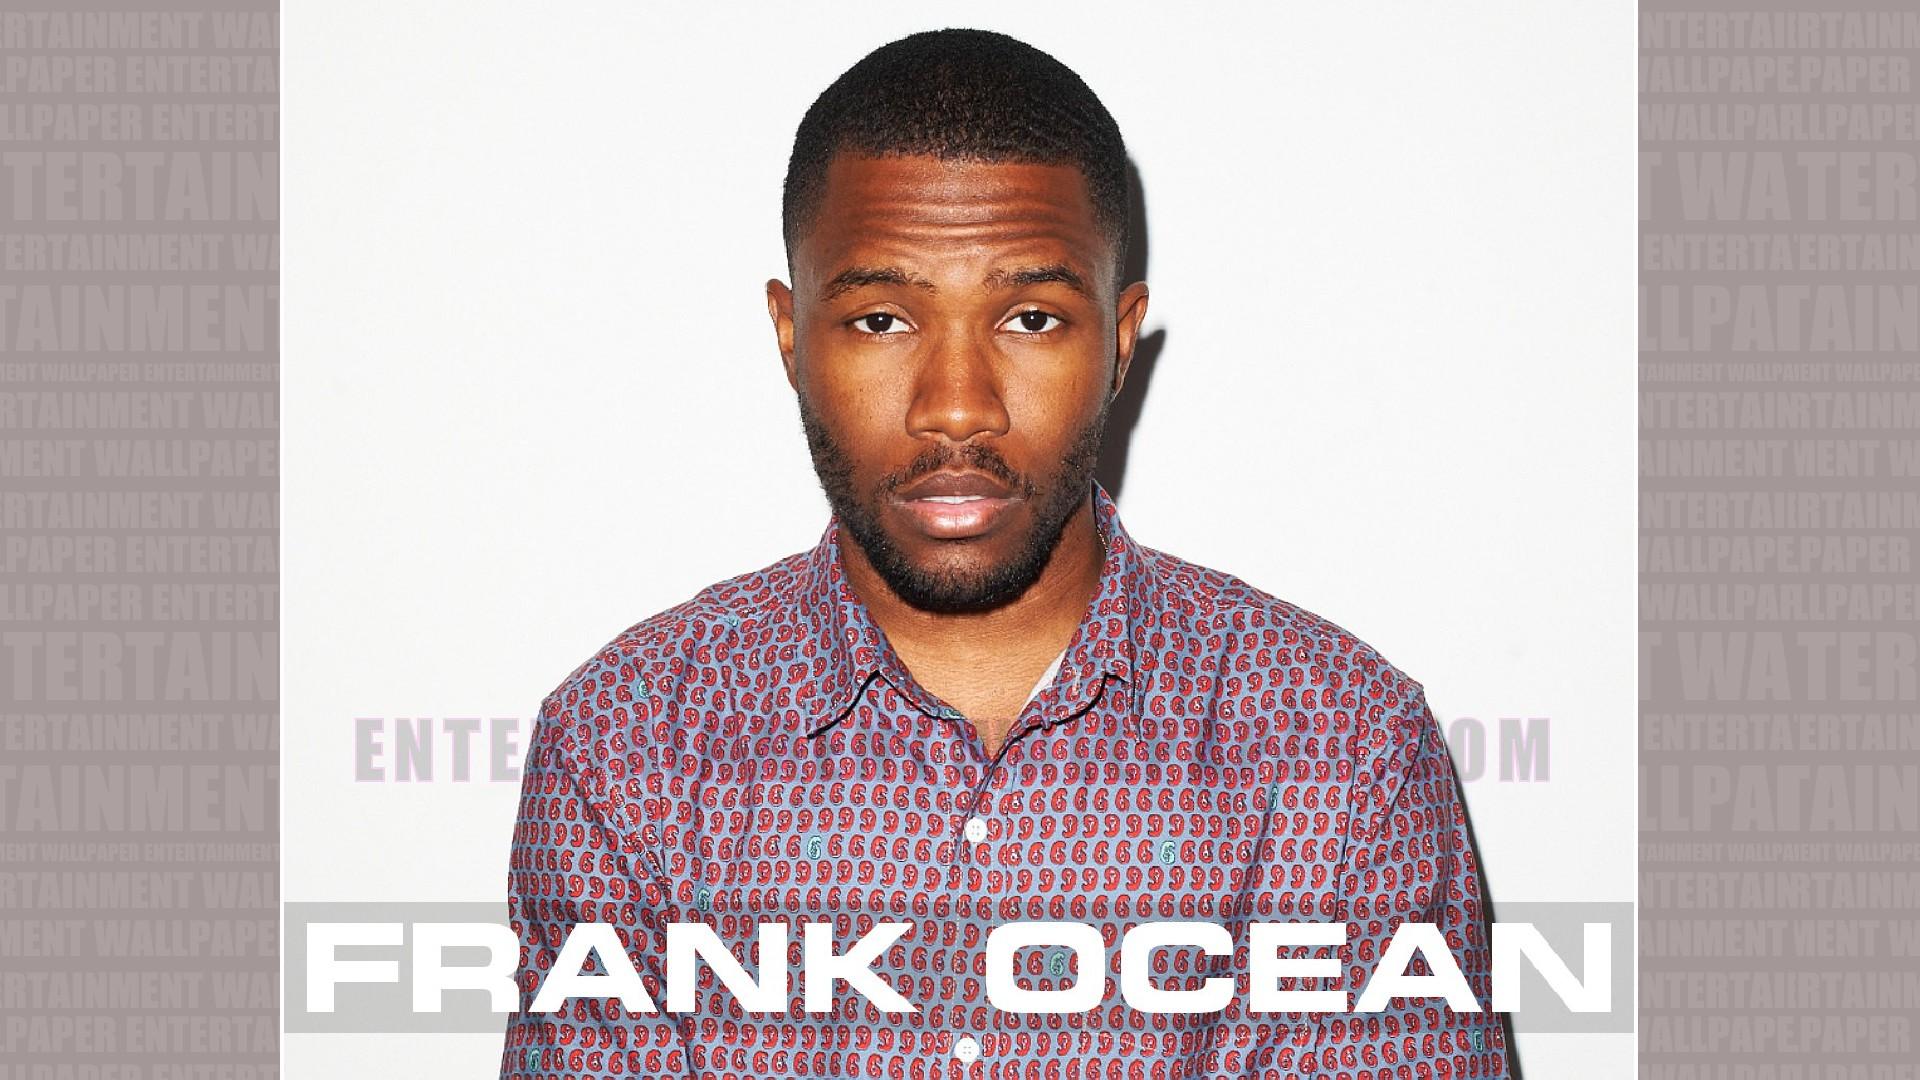 Frank Ocean Wallpaper - Original size, download now.